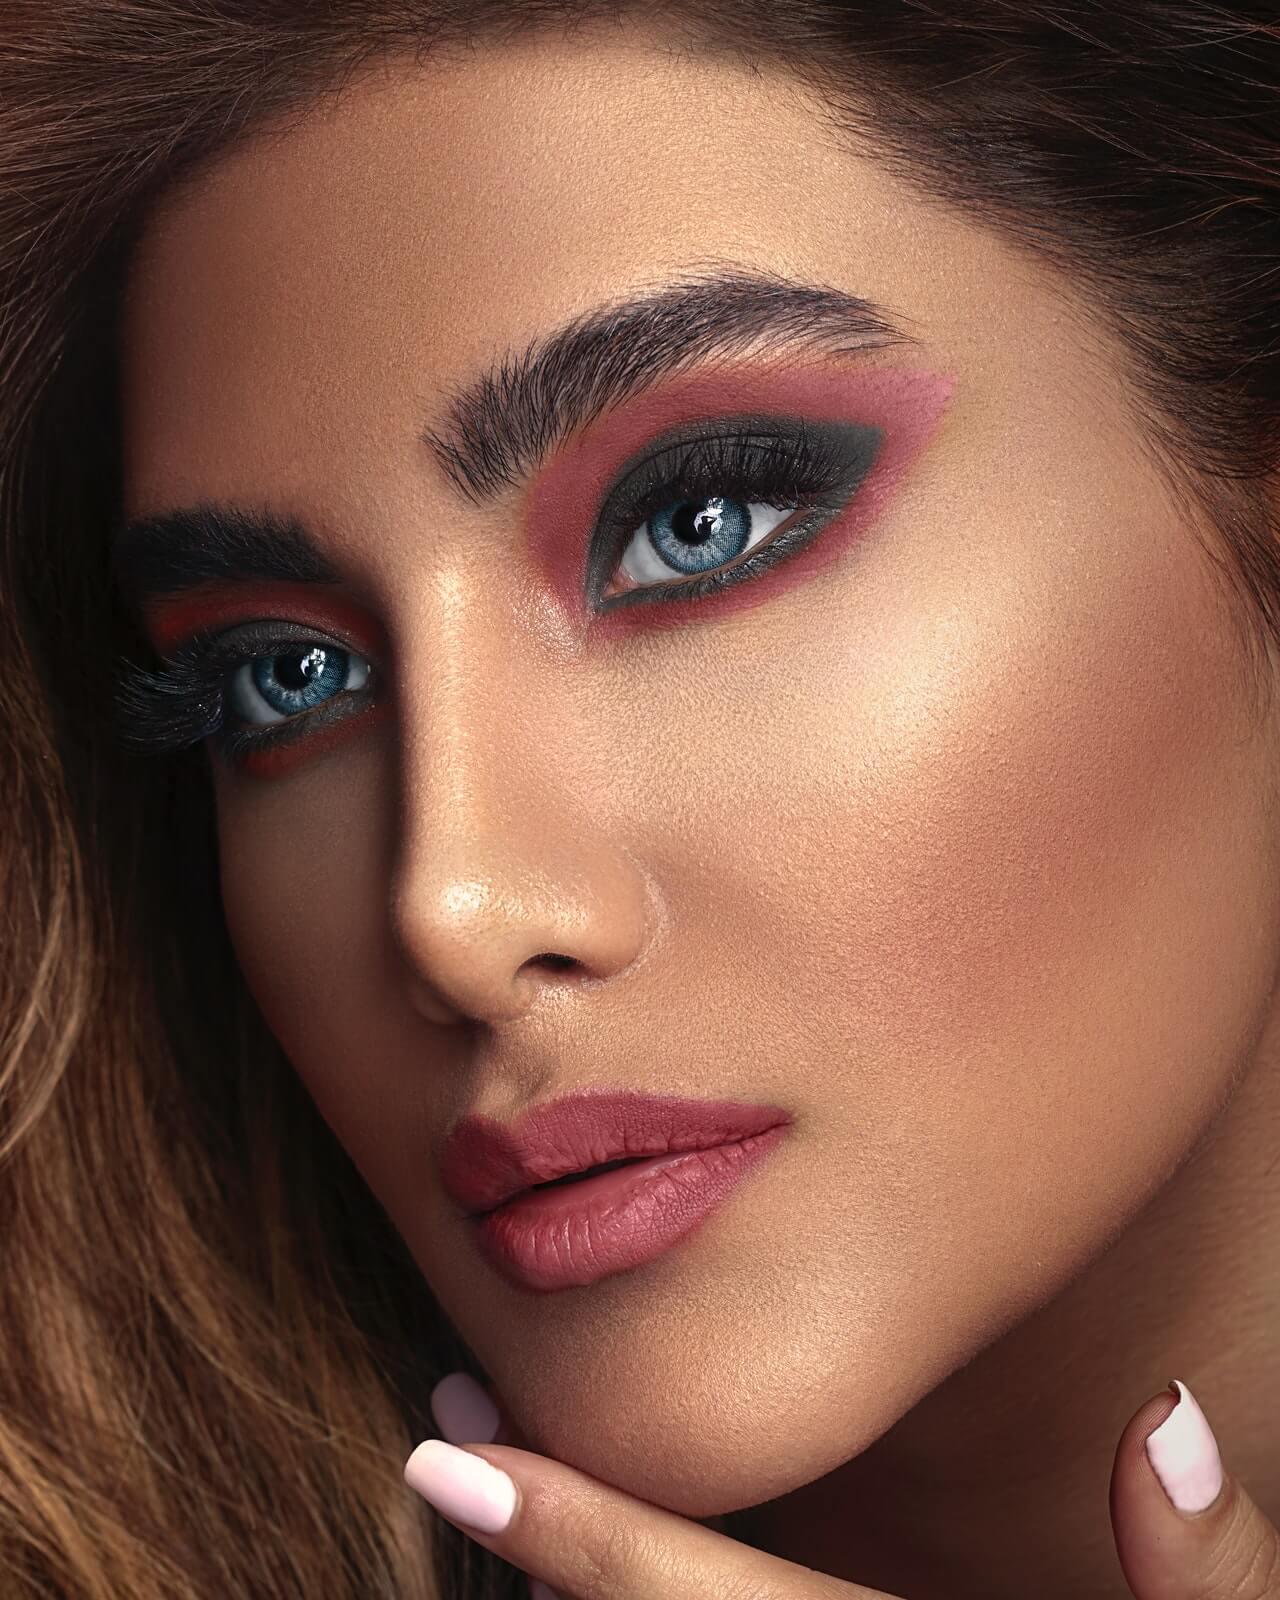 ¿Por qué debe evitar la depilación con cera antes de la depilación láser?